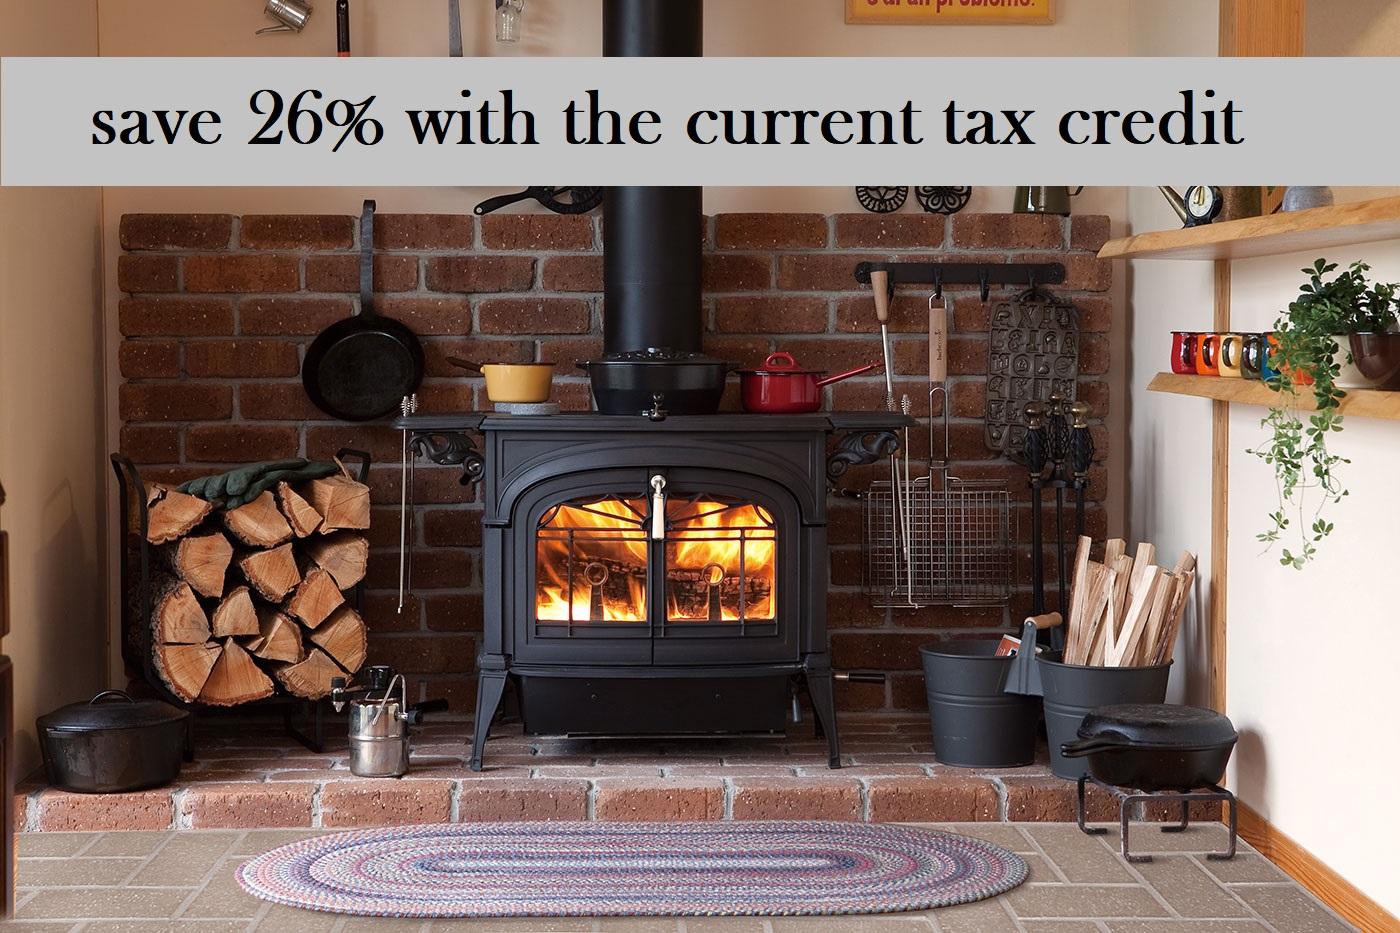 tax-credit-pic.jpg